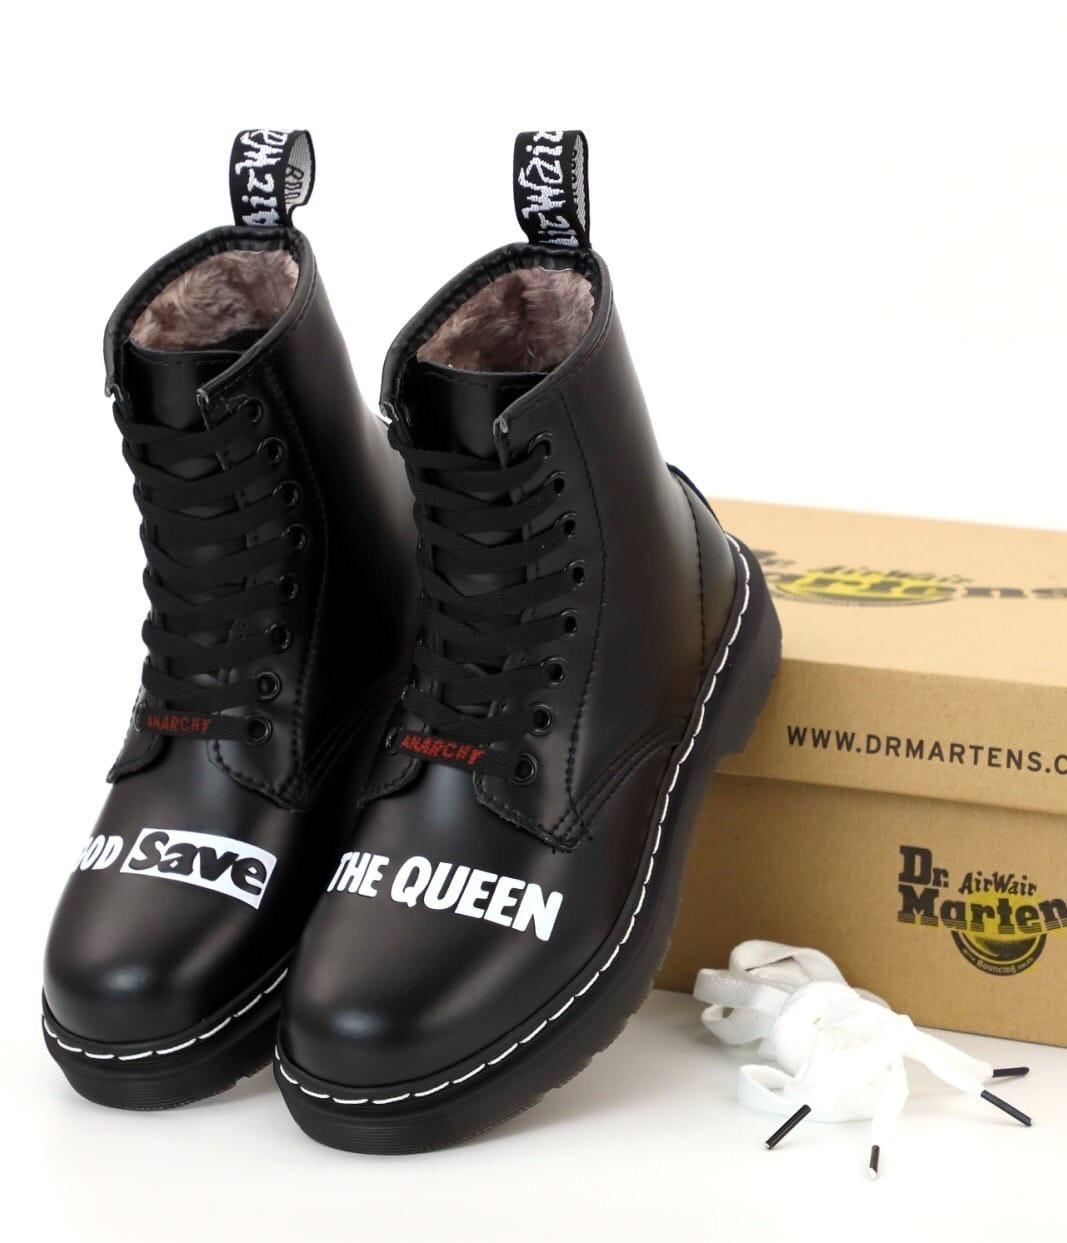 """Мужские ботинки Sex Pistols & Dr. Martens """"God Save the Queen"""" Доктор Мартинс высокие на шнуровке с мехом"""